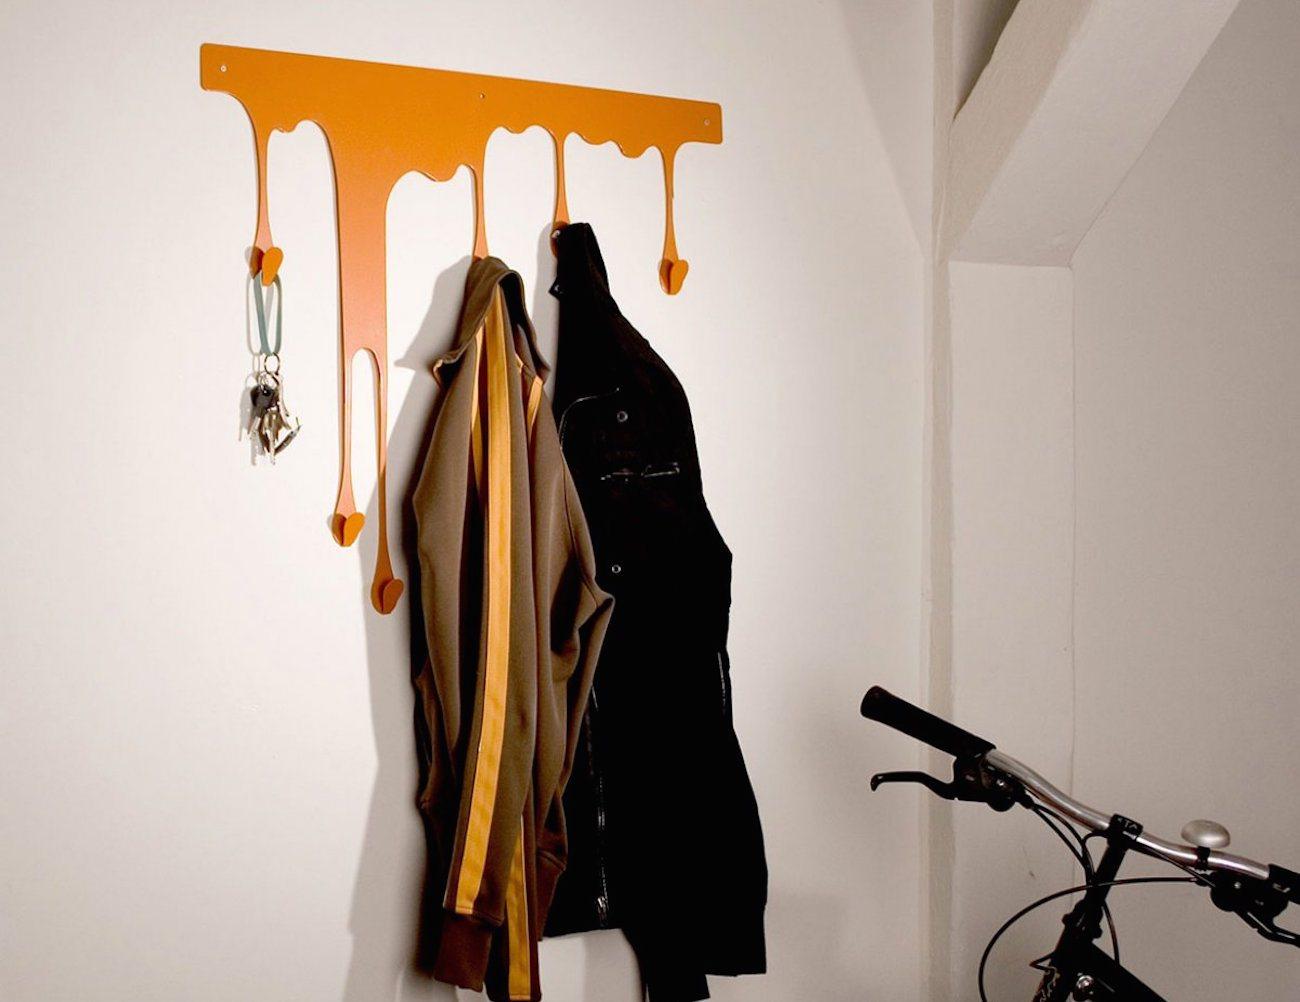 Drop XL Coat Rack